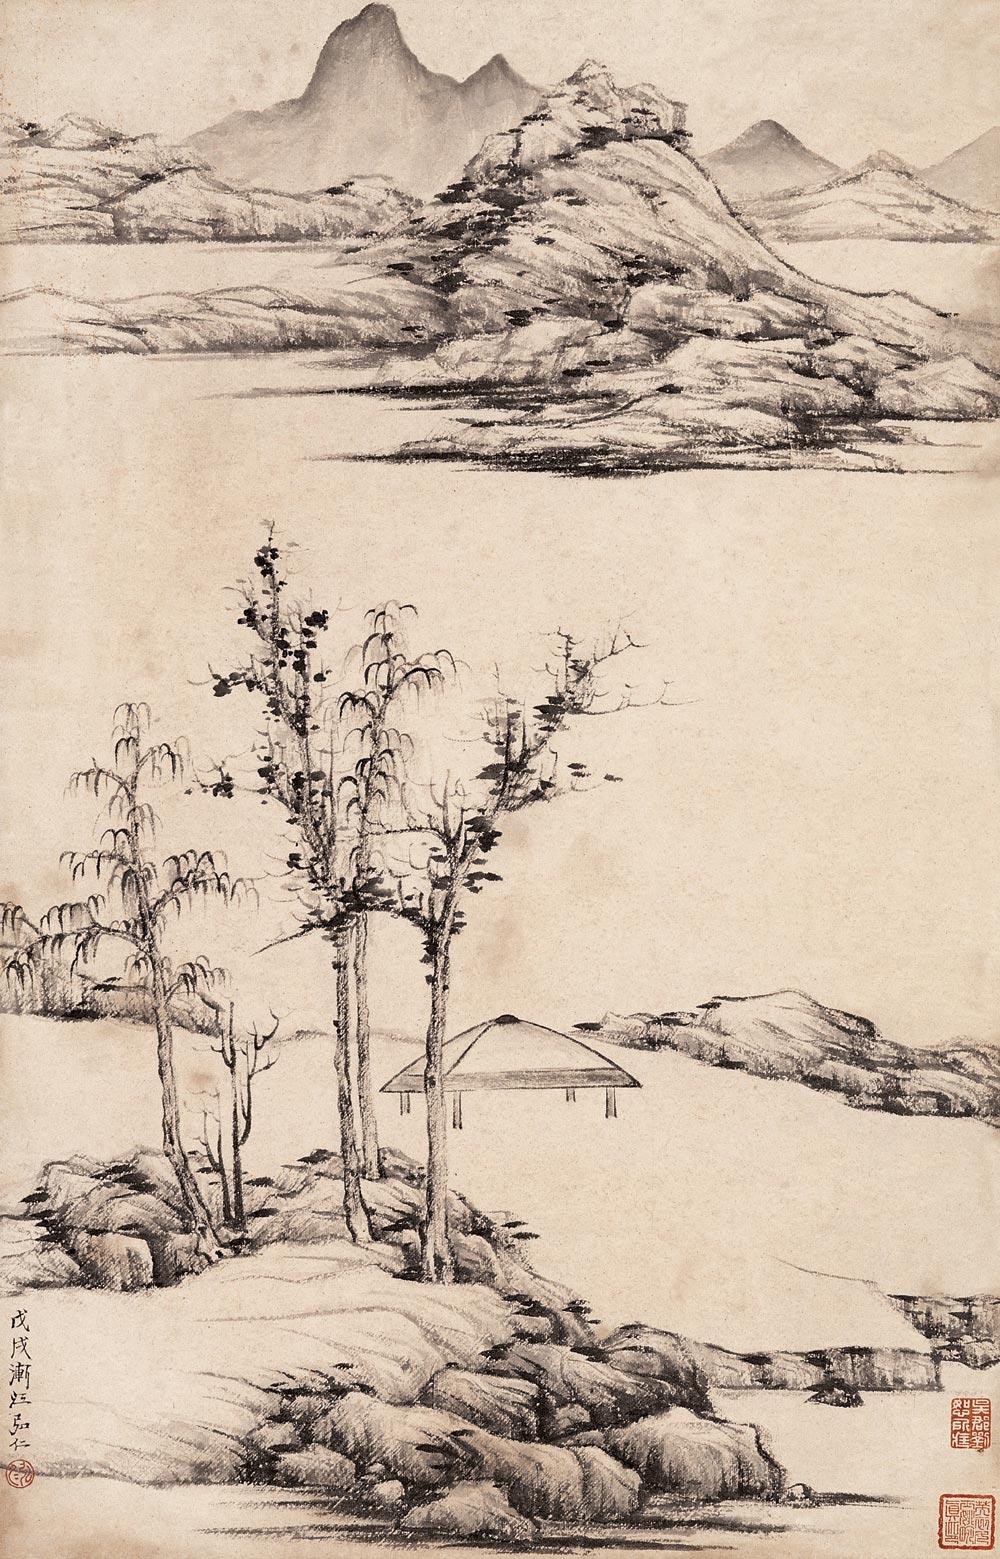 弘仁_弘 仁-中国山水画艺术网